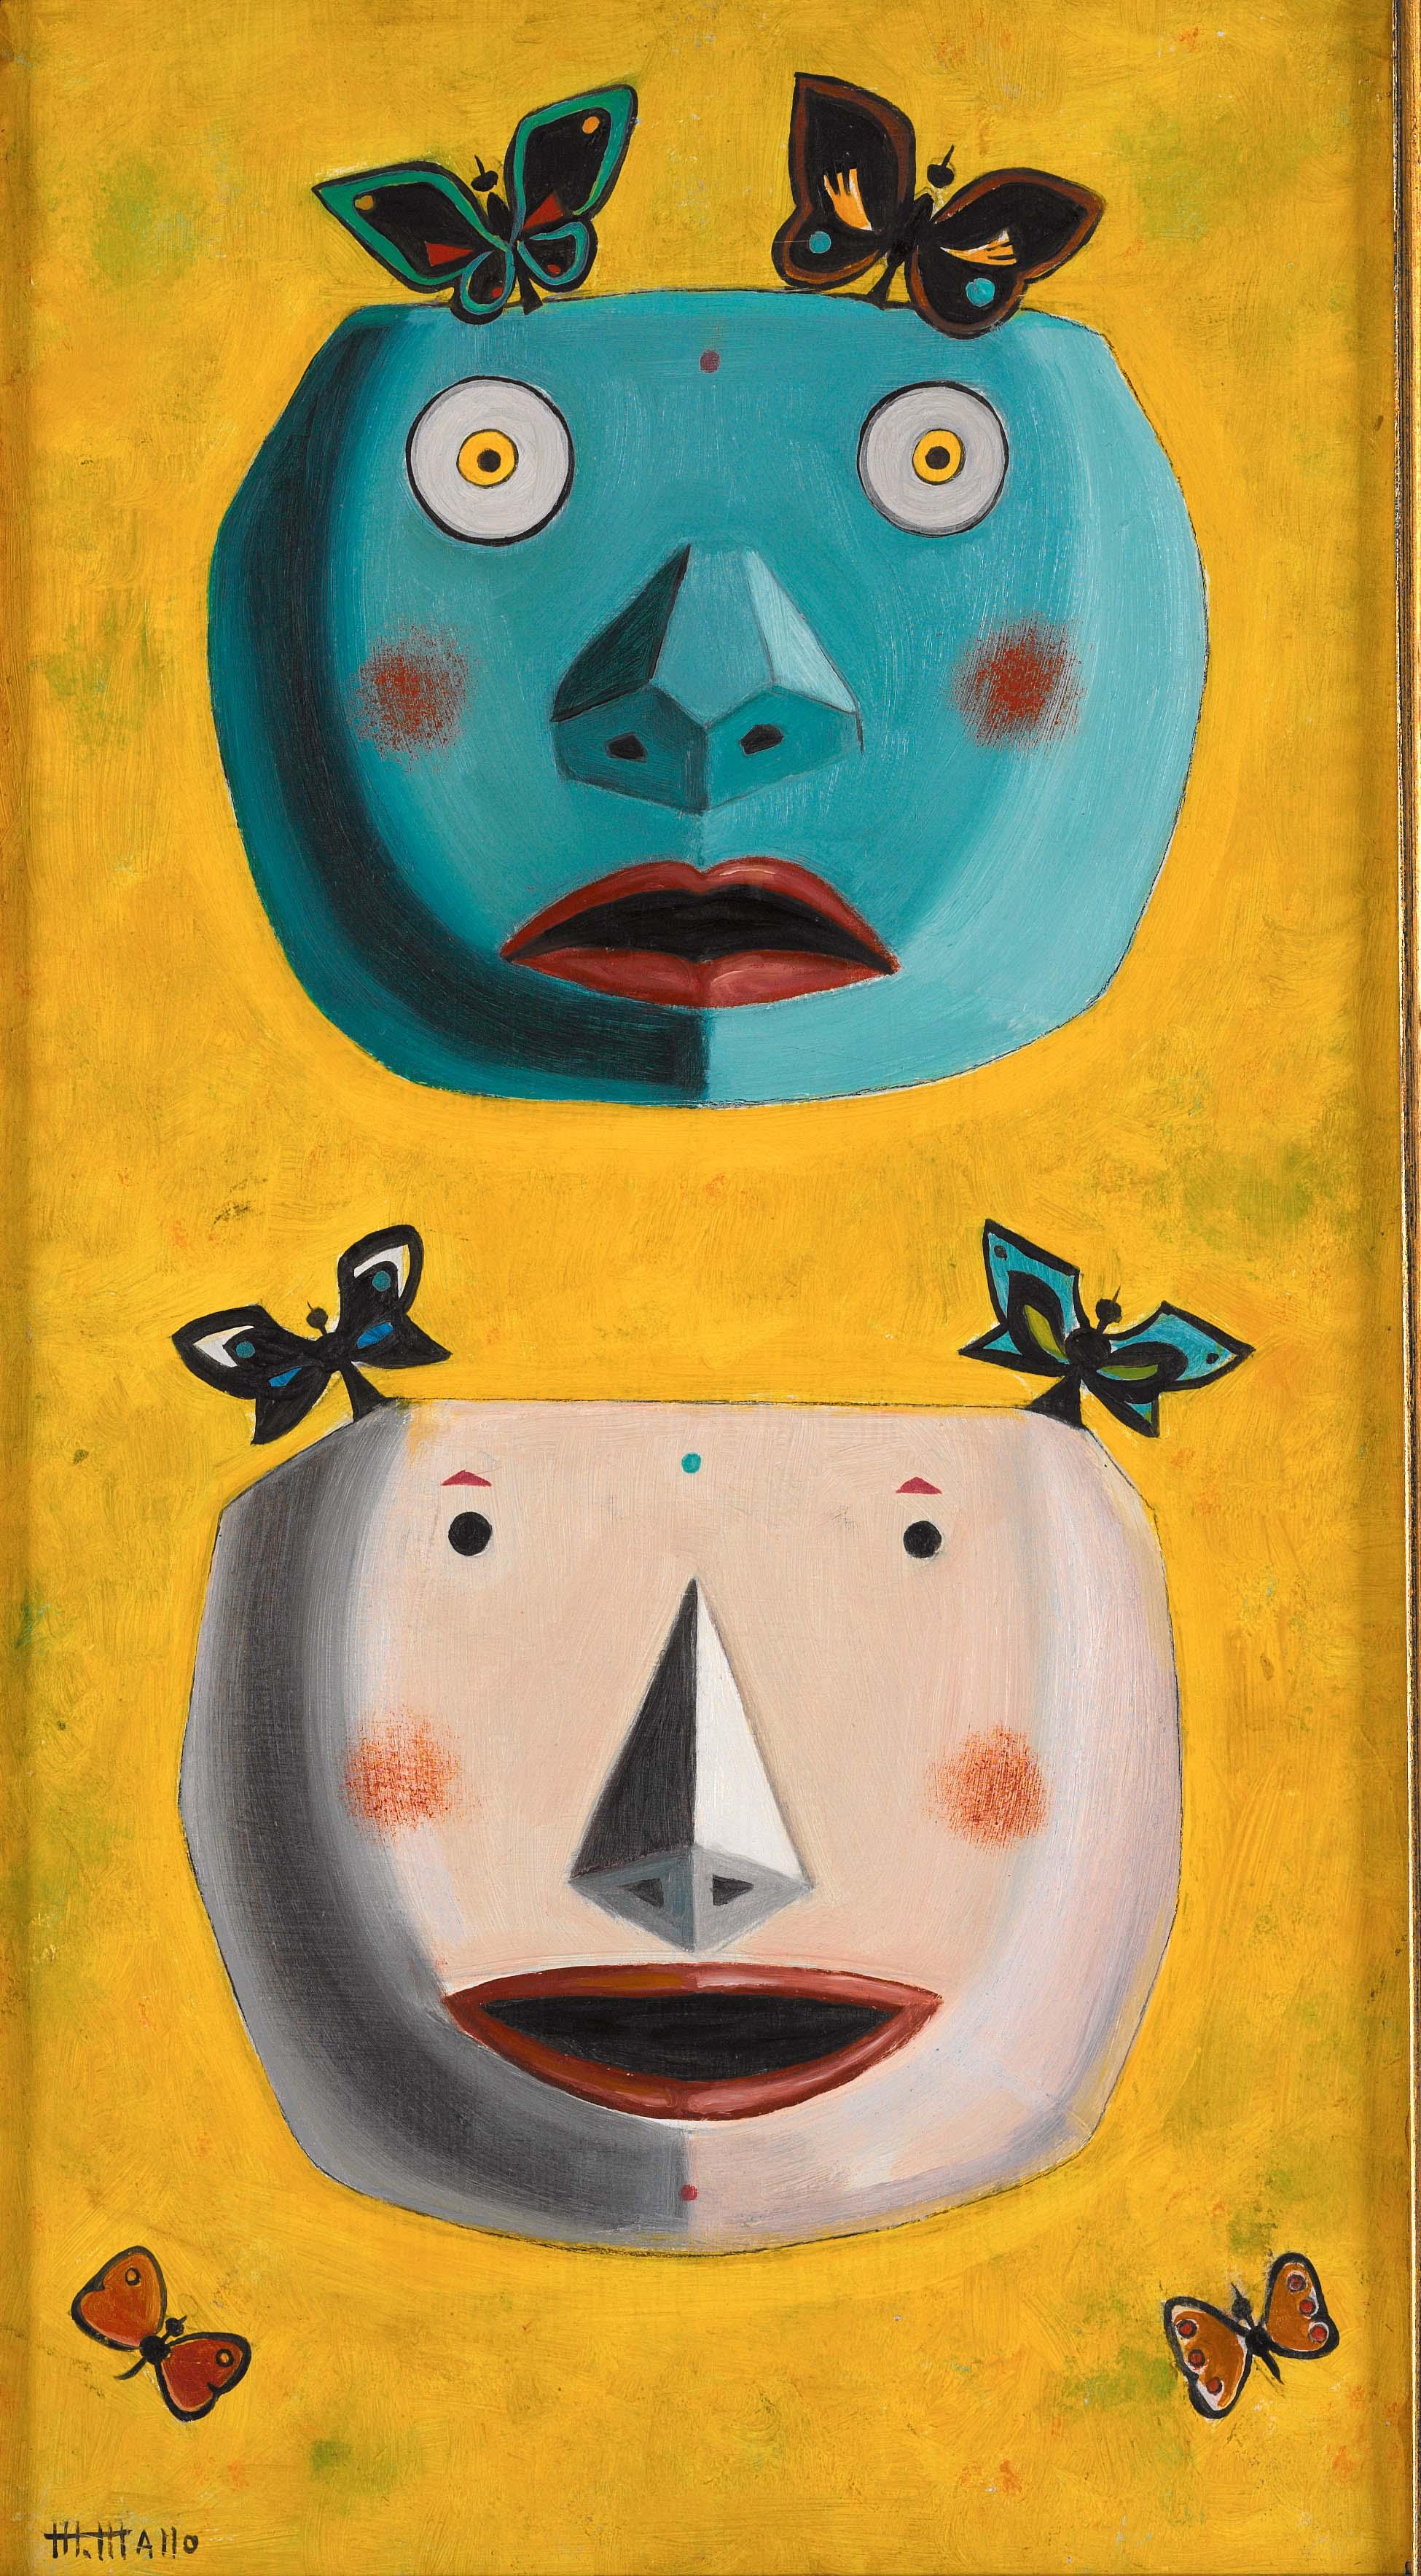 M�scaras con mariposas. ca. 1950-55